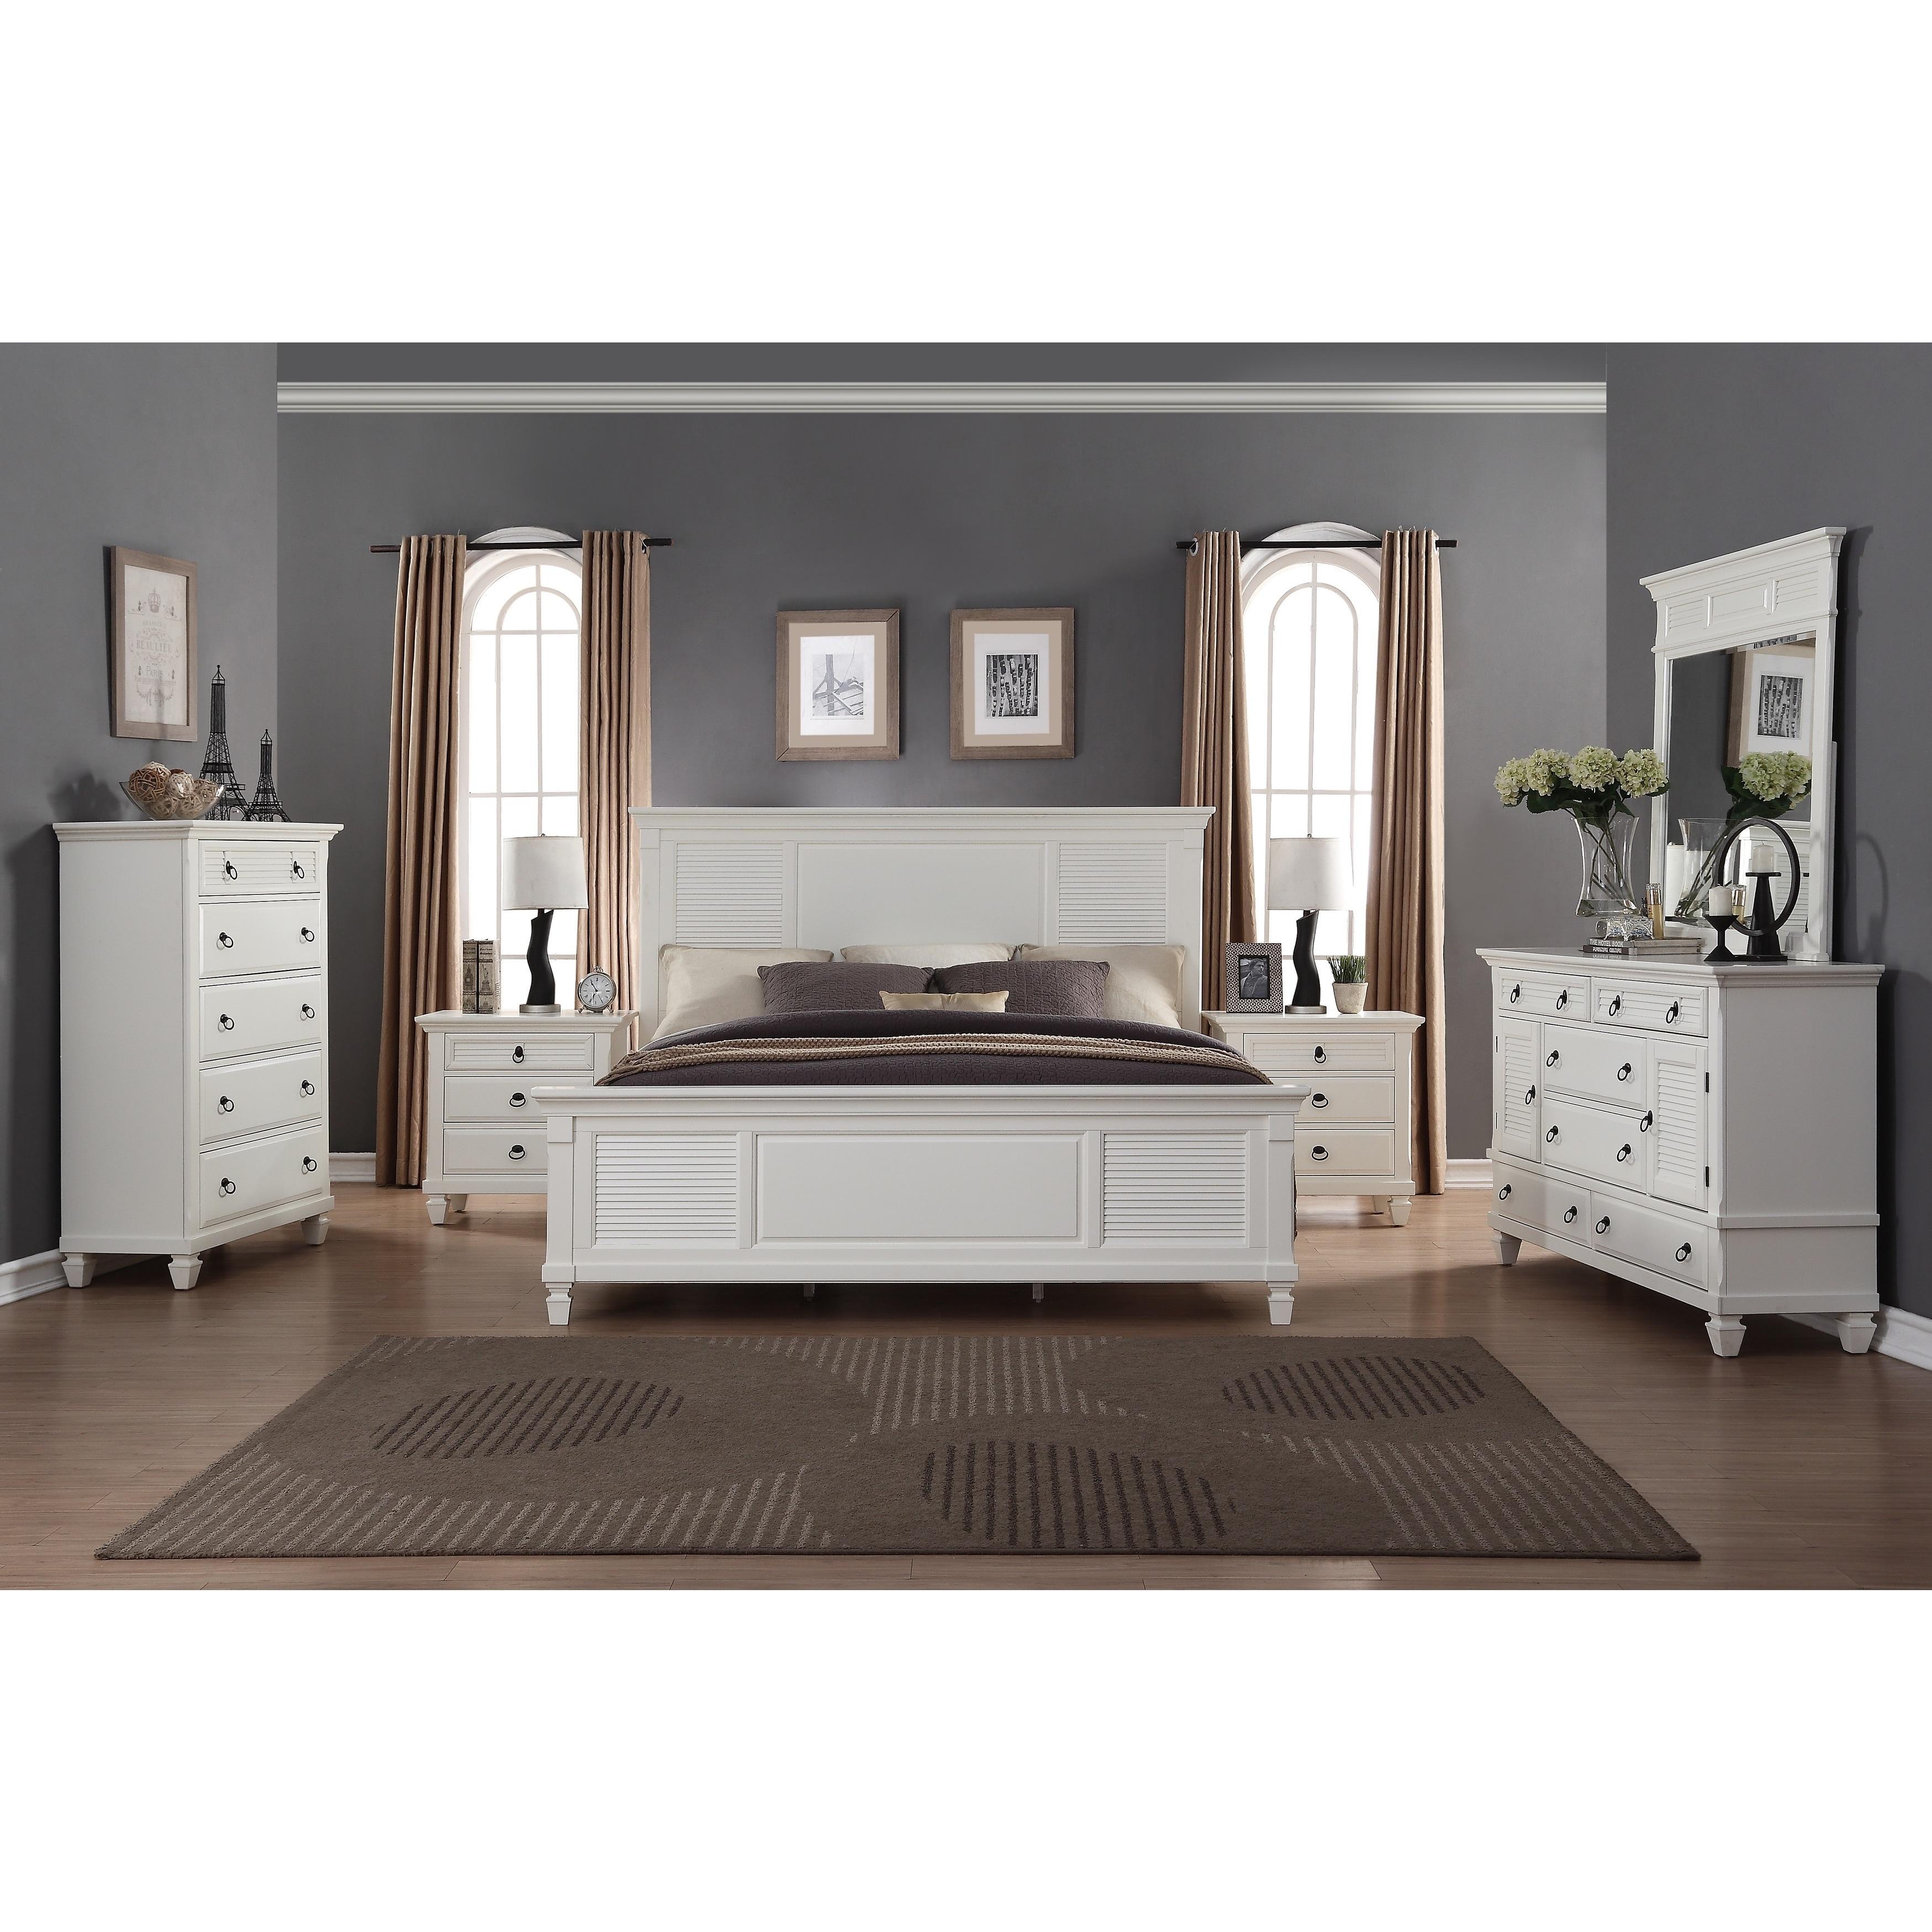 Regitina White 6 Piece Queen Bedroom Furniture Set Overstock 12601995